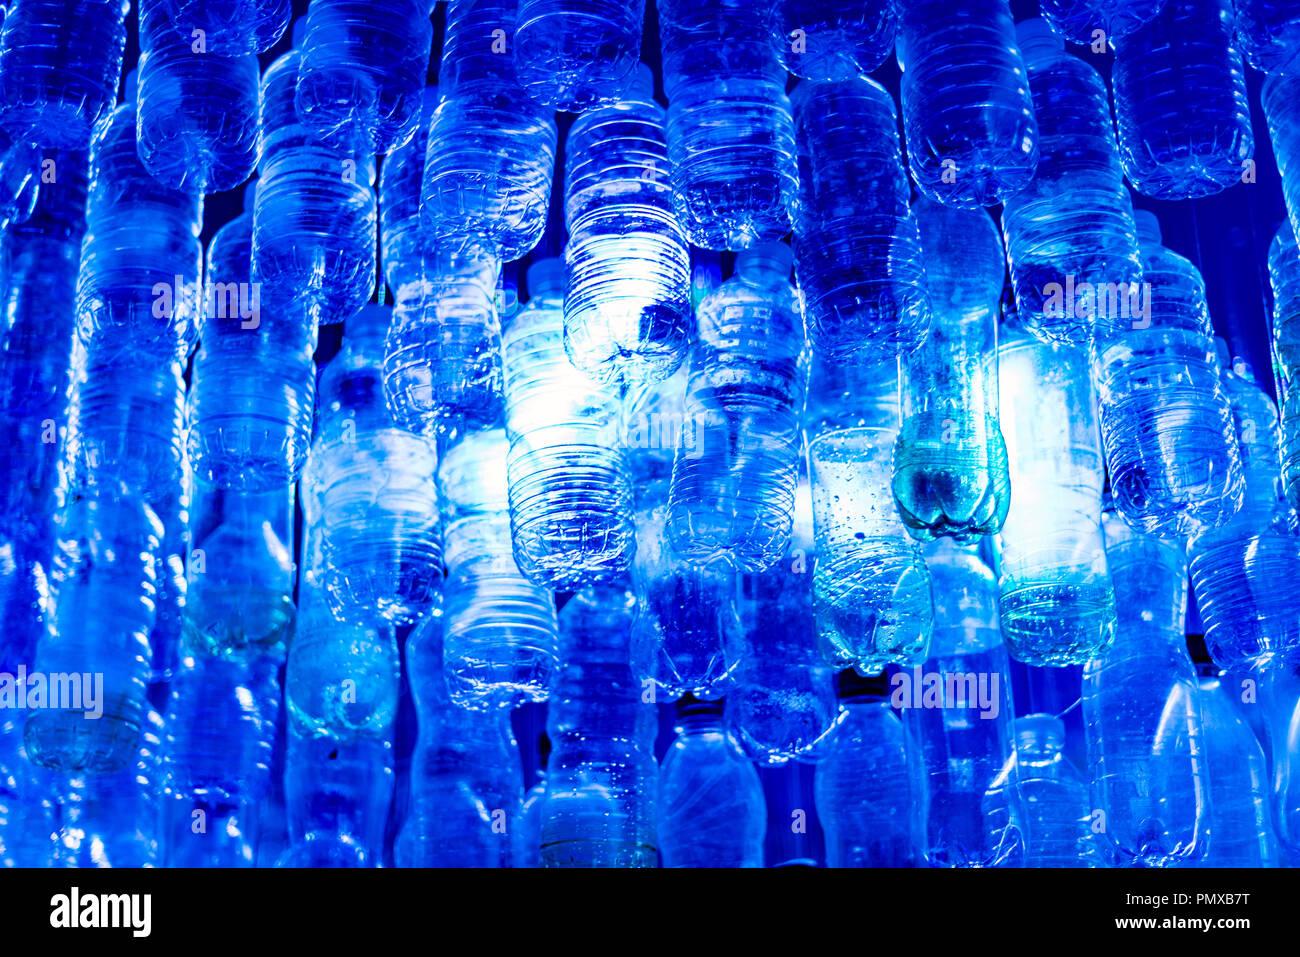 Installation réalisée à partir de bouteilles récupérées provenant de l'océan à la Southampton Boat Show 2018 illustrant la quantité de plastique dans les océans. Photo Stock